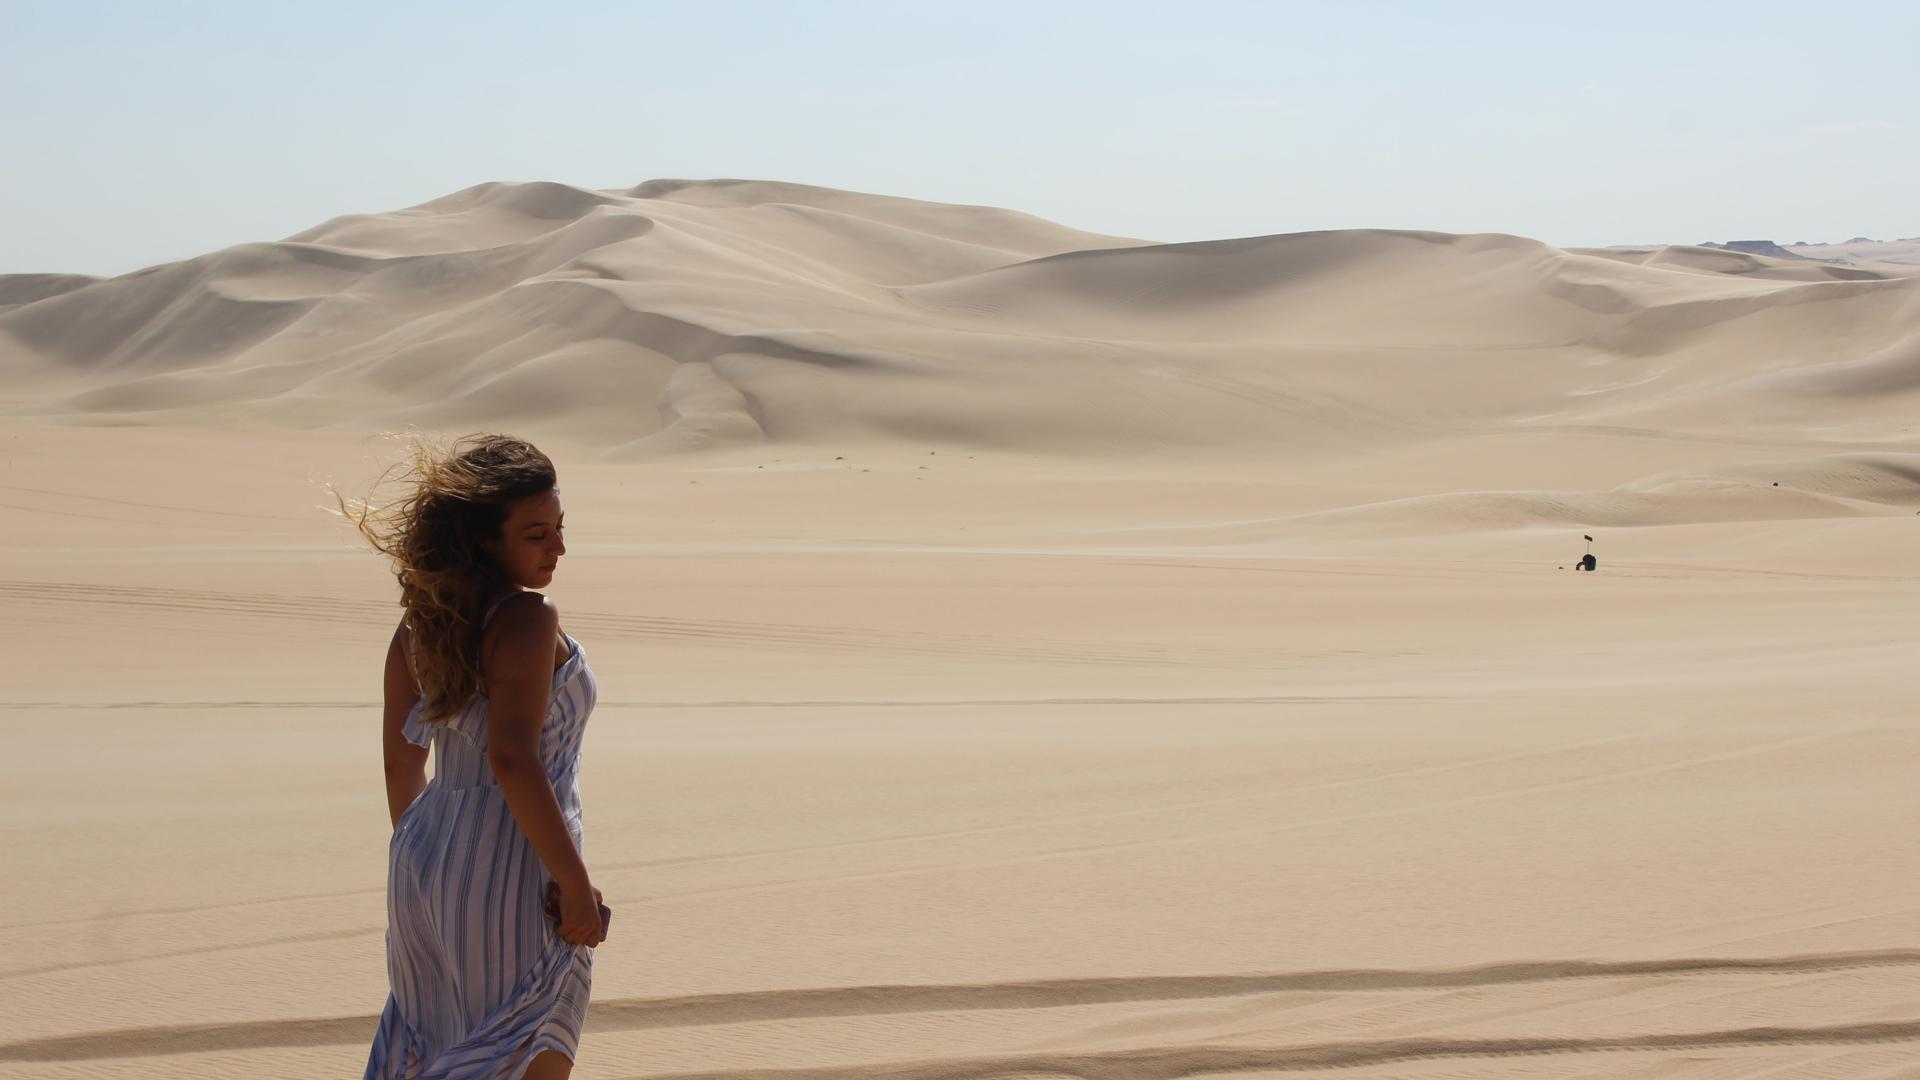 Siva: Mısır'da Kültürlerini Korumayı Başarmış Yerlilerle Tanışın